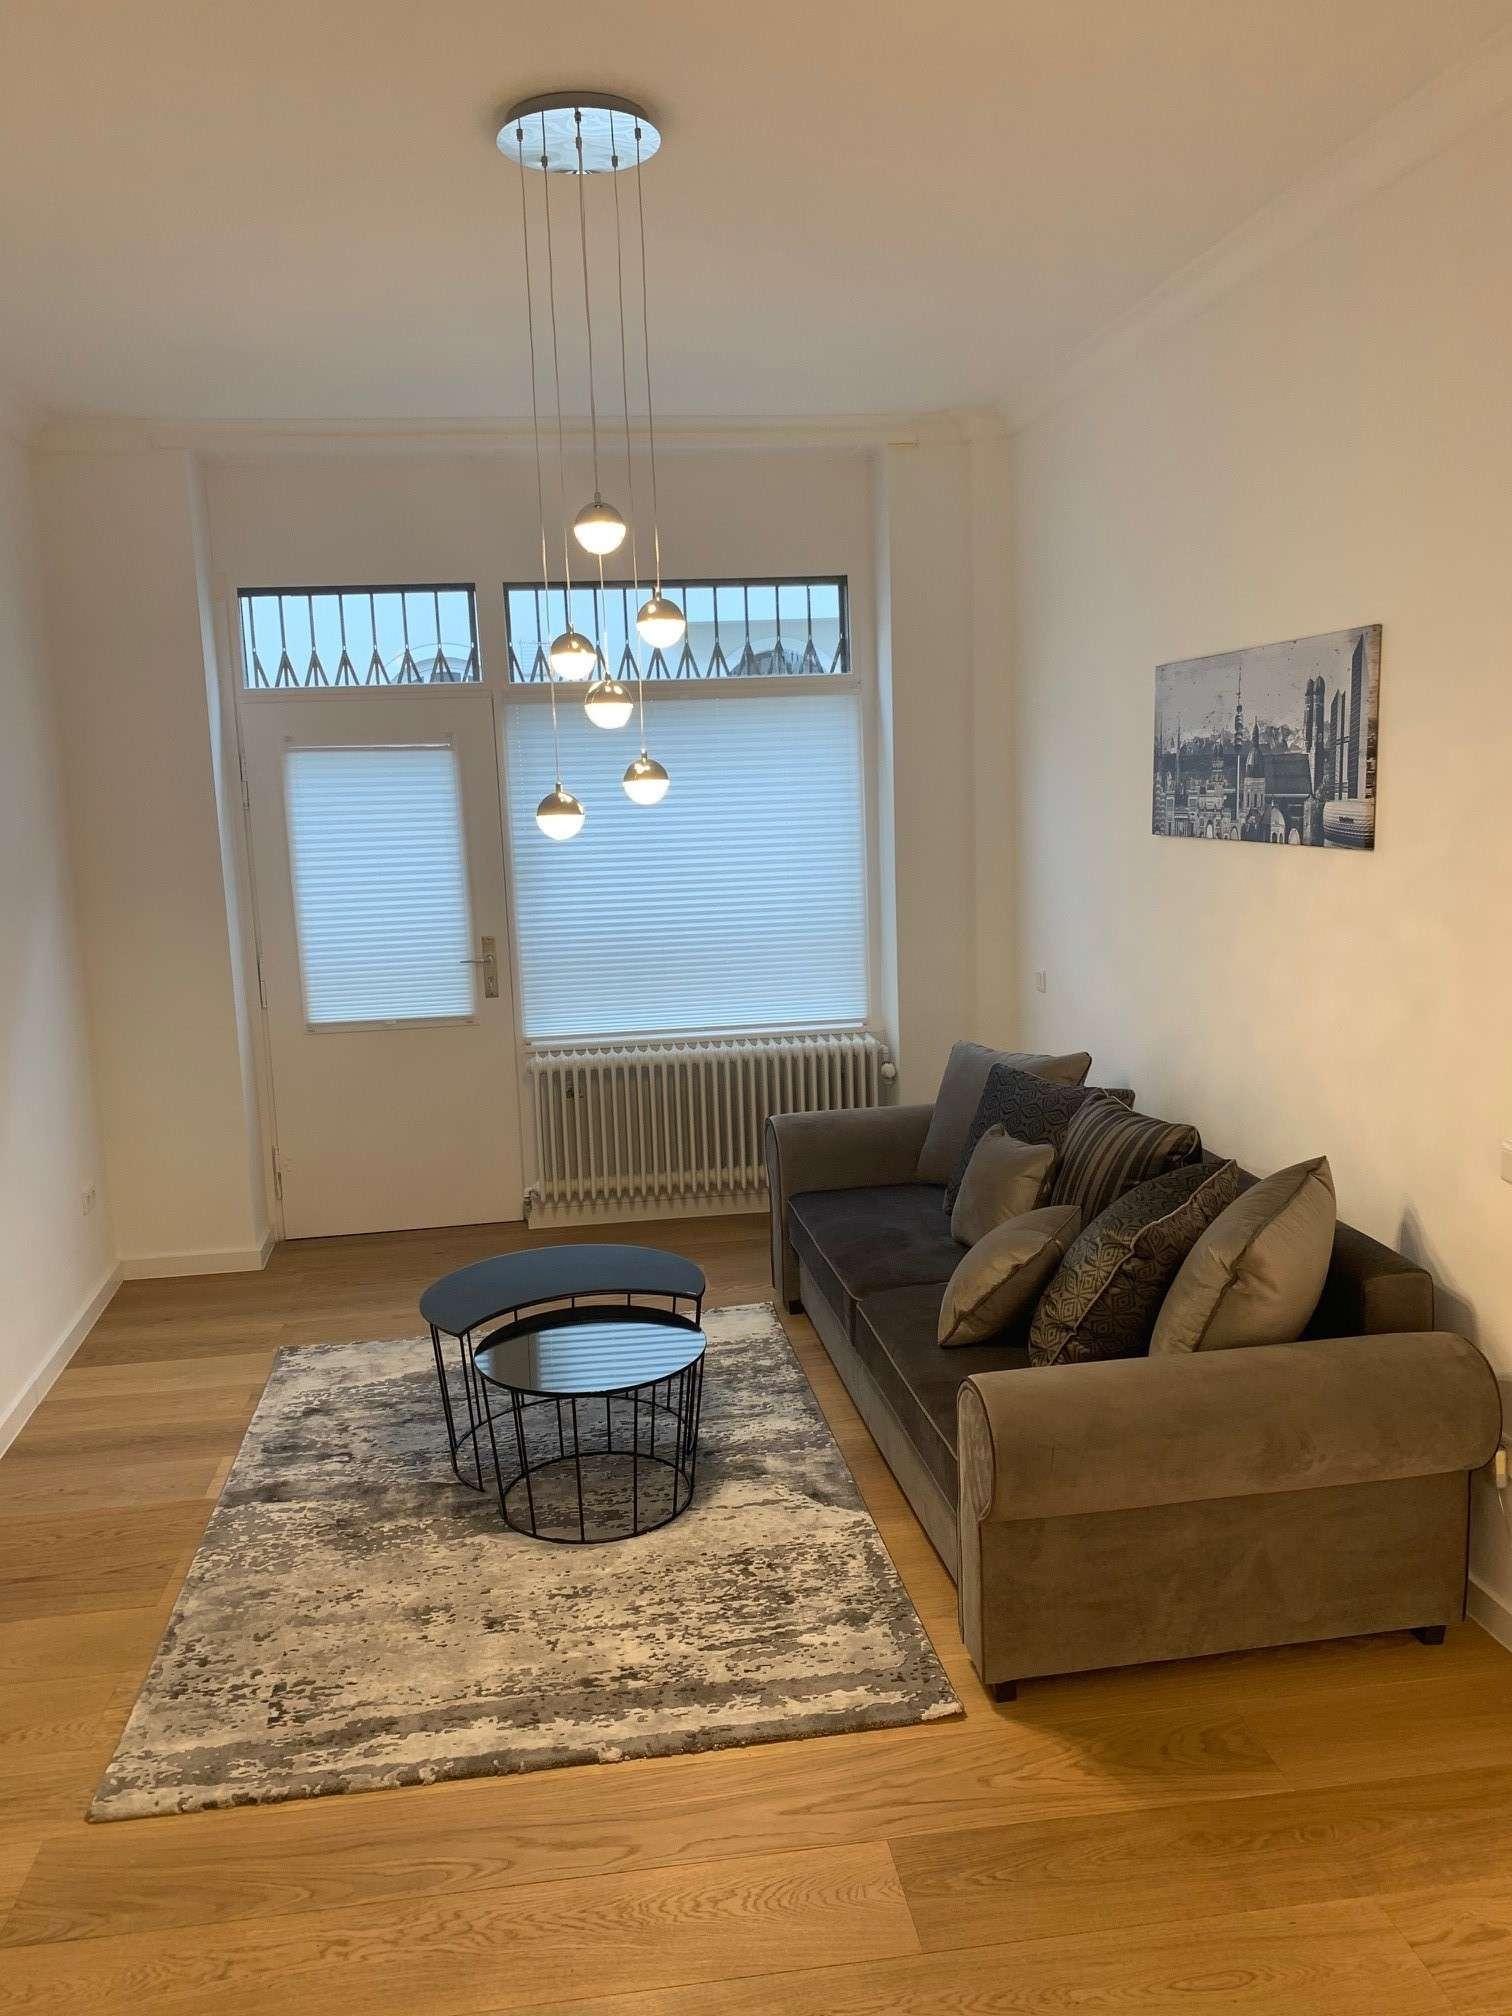 Sanierte und möblierte 2-Zimmerwohnung in Neuhausen zu vermieten in Neuhausen (München)